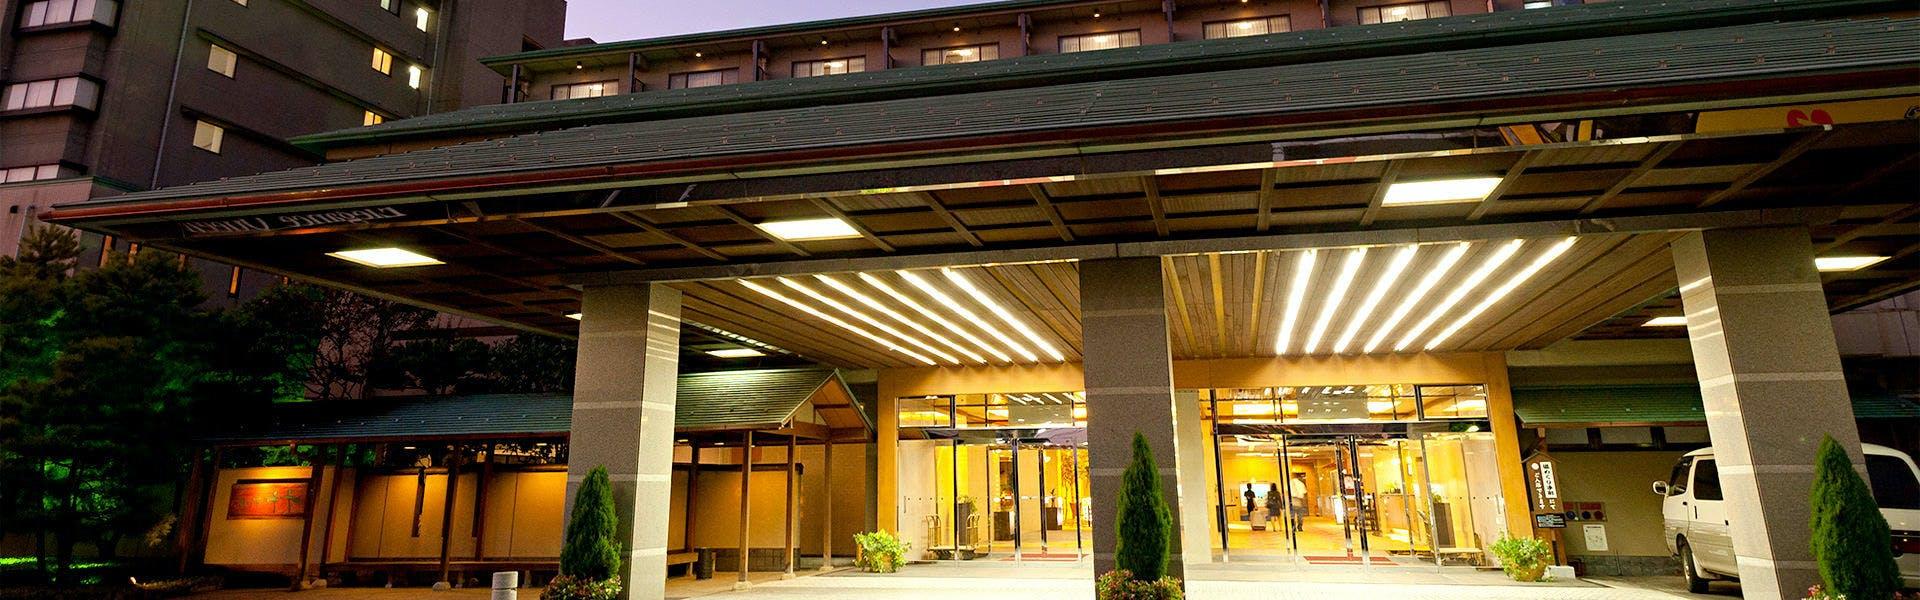 記念日におすすめのホテル・【あわら温泉 まつや千千】の写真1